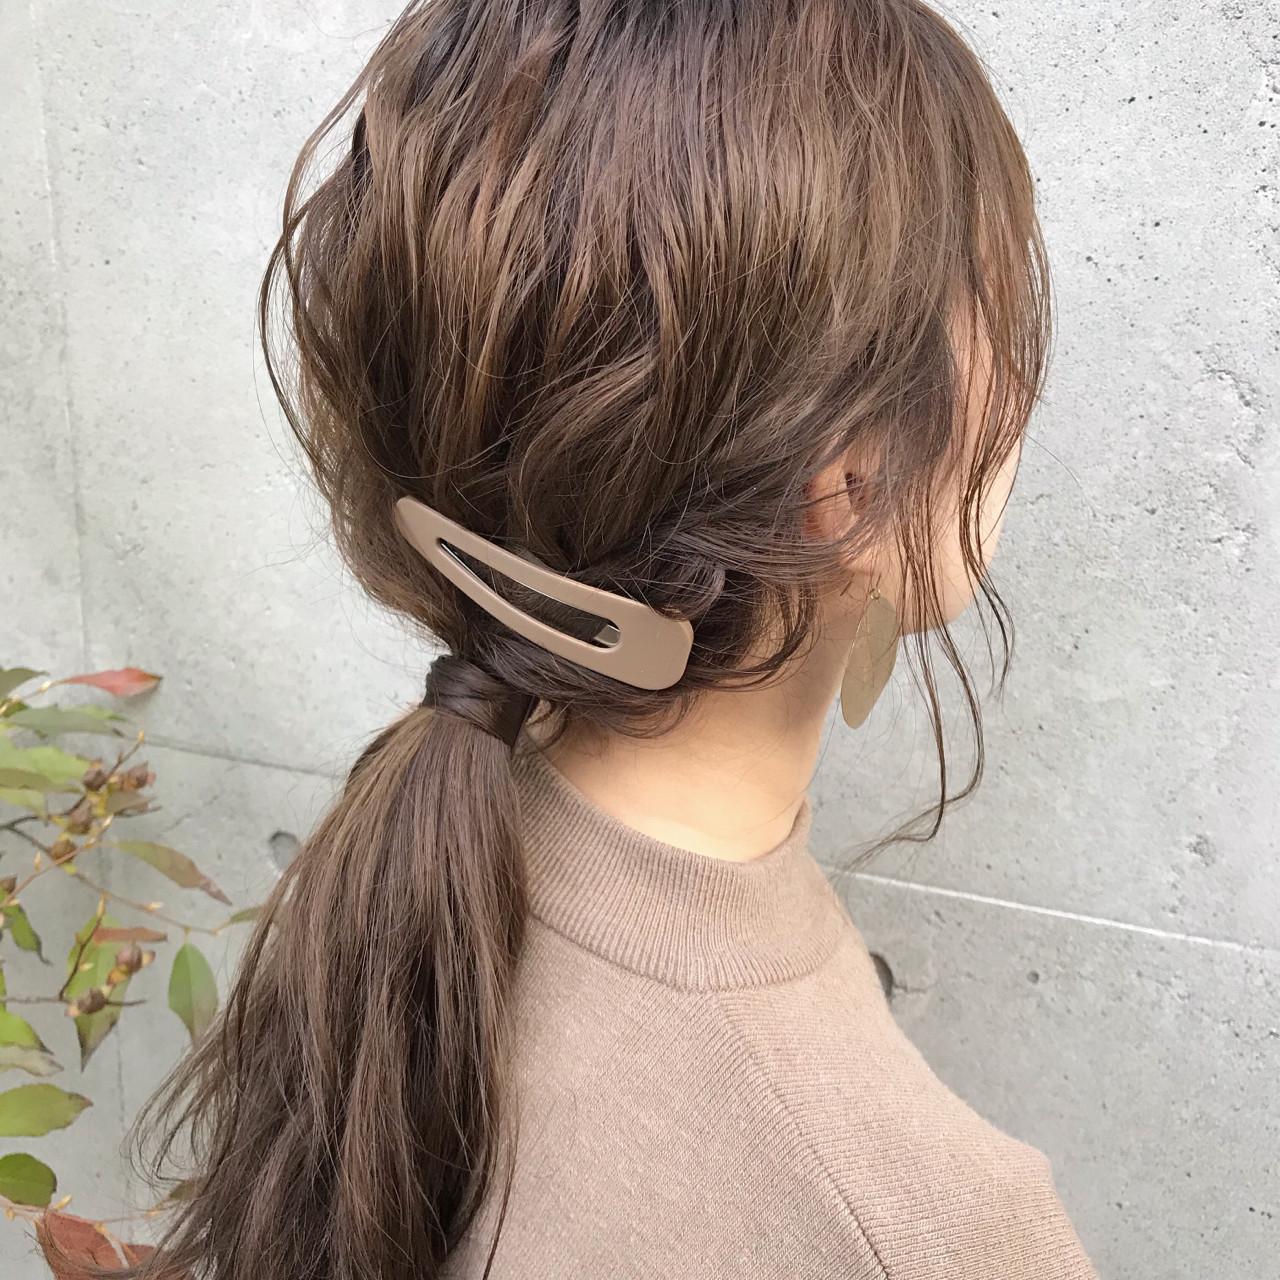 デート セミロング ヘアアレンジ ポニーテール ヘアスタイルや髪型の写真・画像